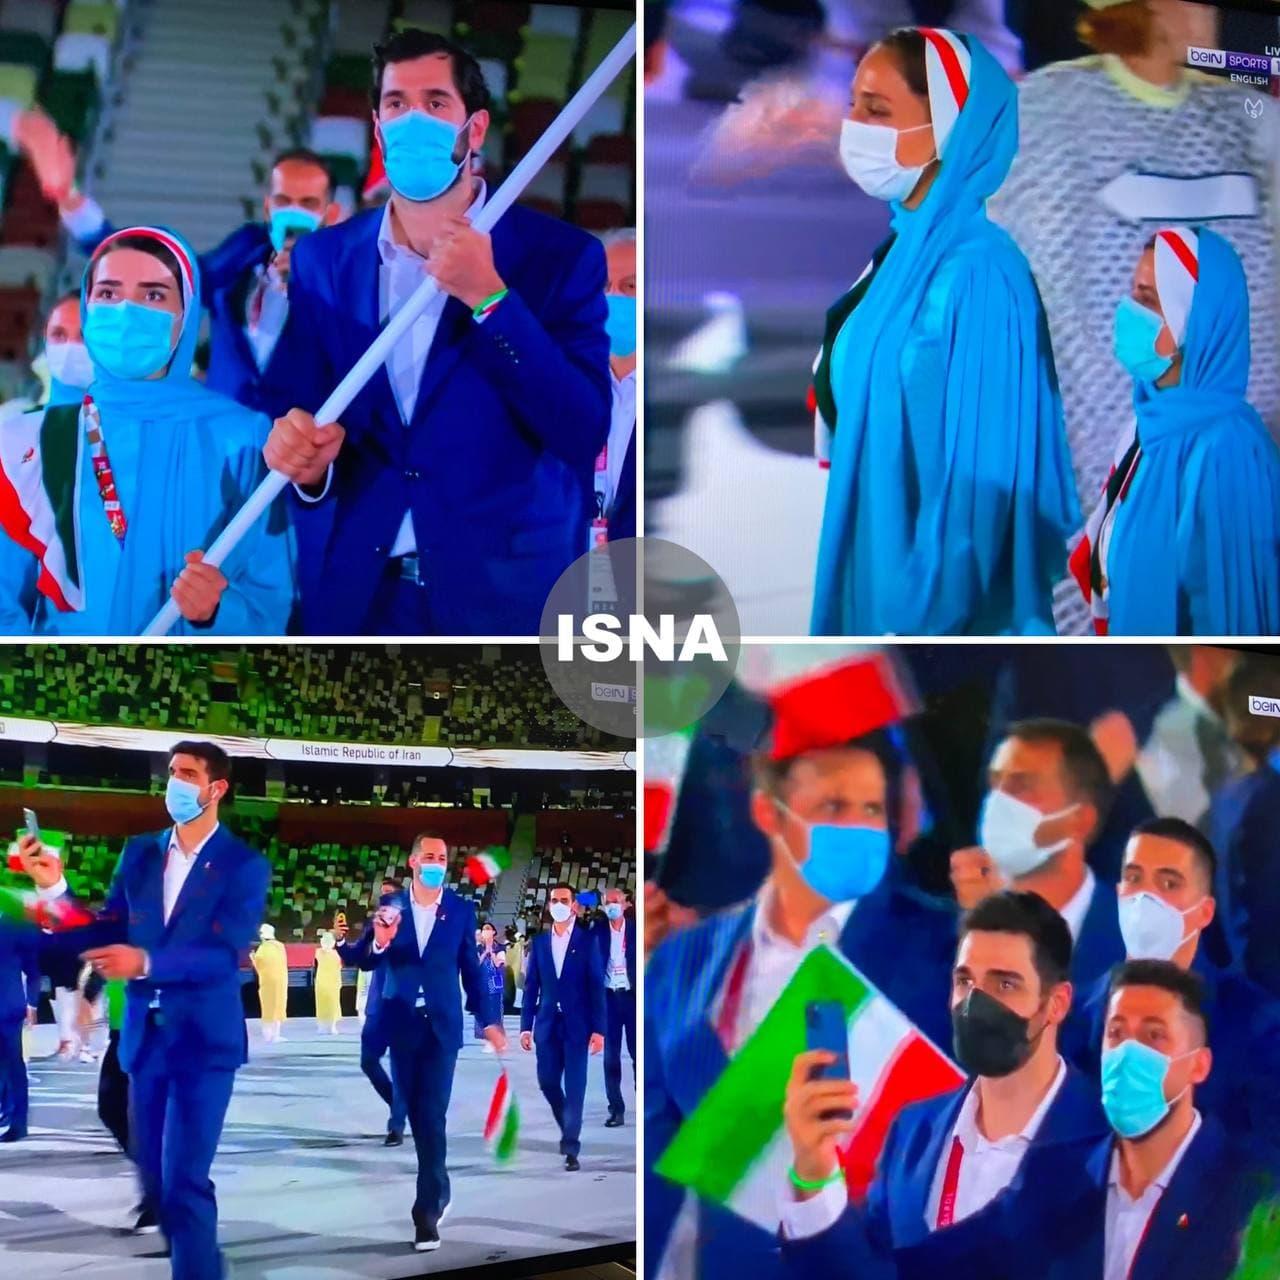 رژه کاروان ورزشی ایران در مراسم افتتاحیه المپیک 2020 (عکس و فیلم)